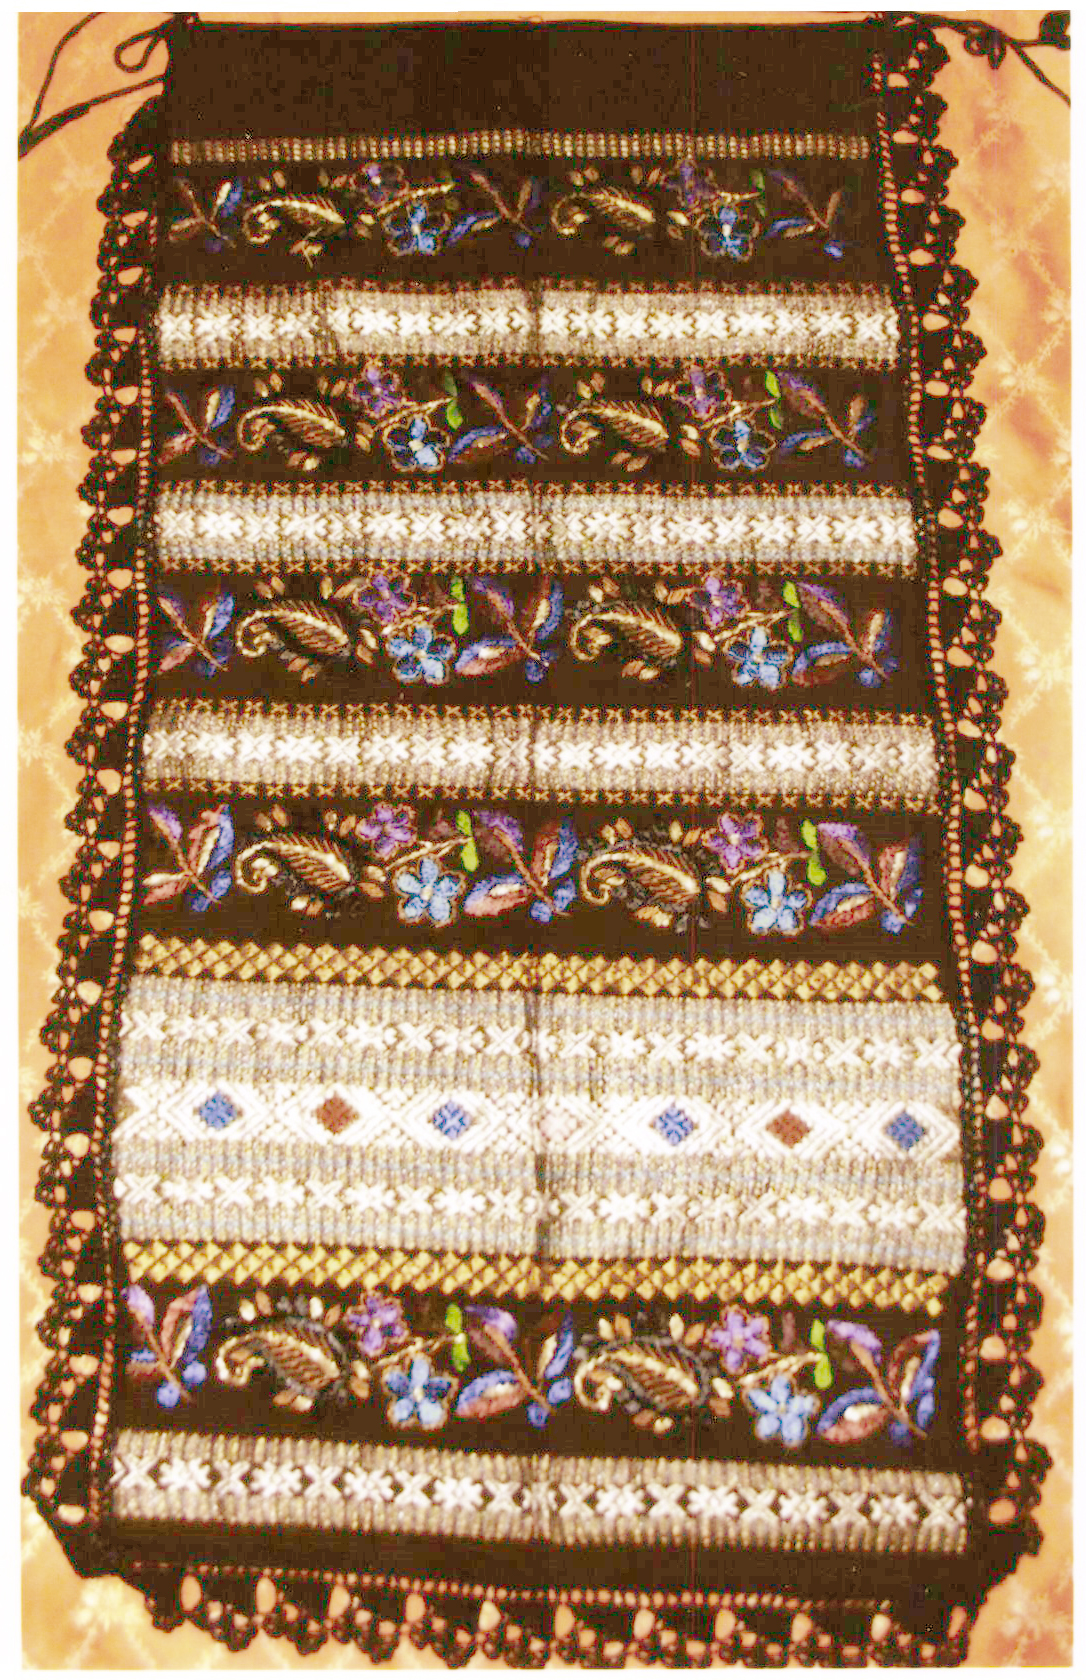 Şorţ femeiesc - anonim; Şorţ - Muzeul Viticulturii şi Pomiculturii - GOLEŞTI (Patrimoniul Cultural National Mobil din Romania. Ordin de clasare: 2356/14.06.2017 - Tezaur)